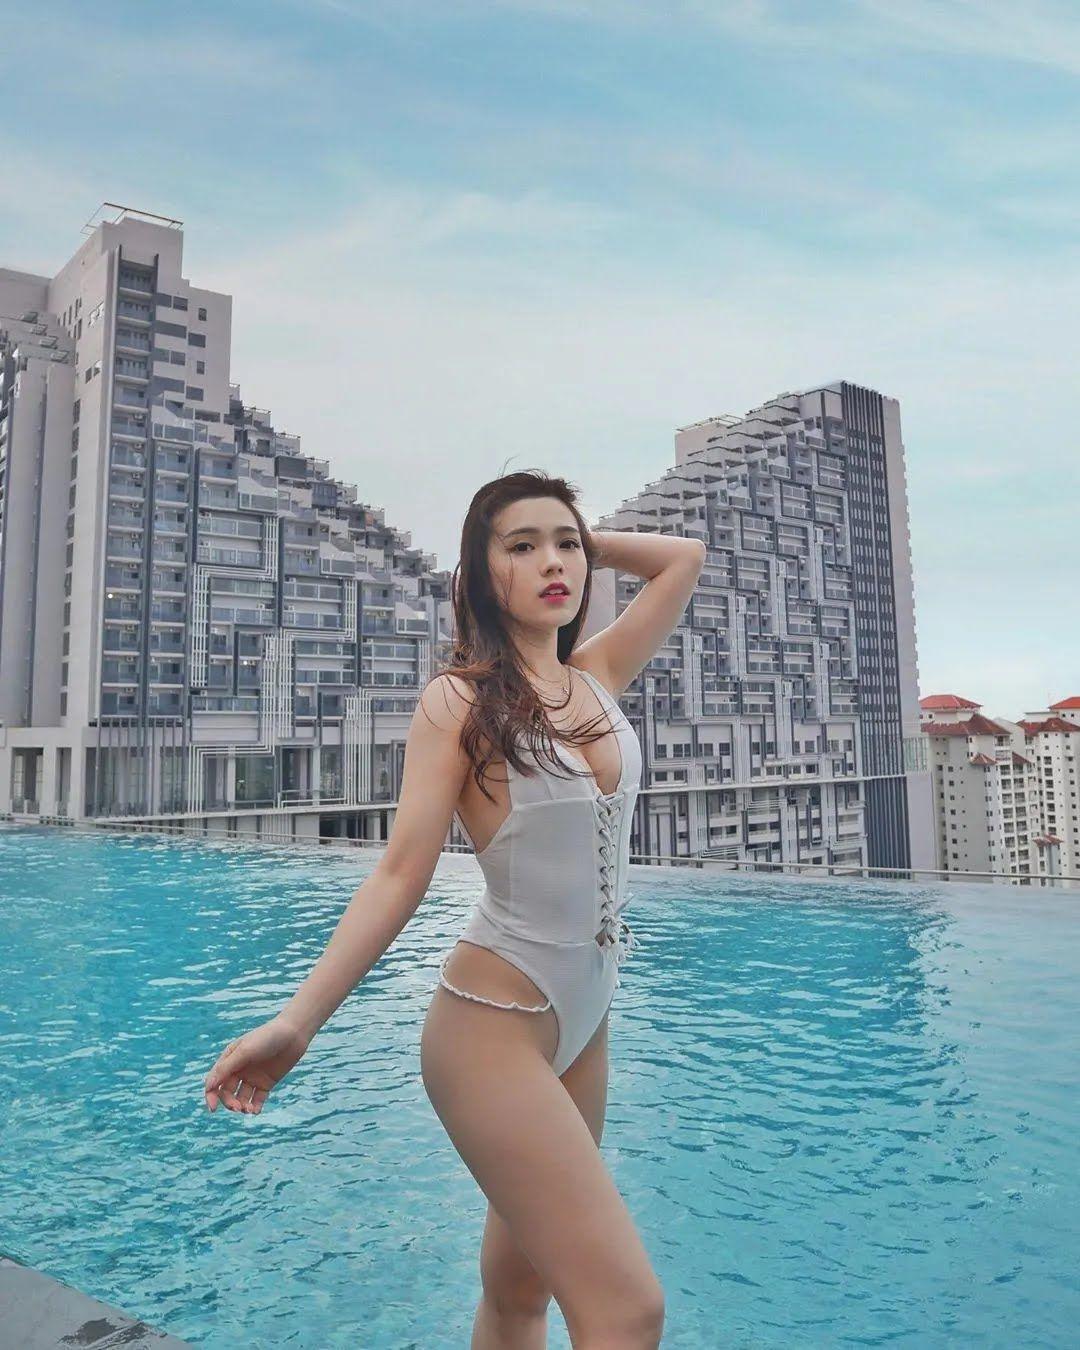 Стюардесса Майбел Гуо позирует в откровенном купальнике (Instagram Майбел Гуо)